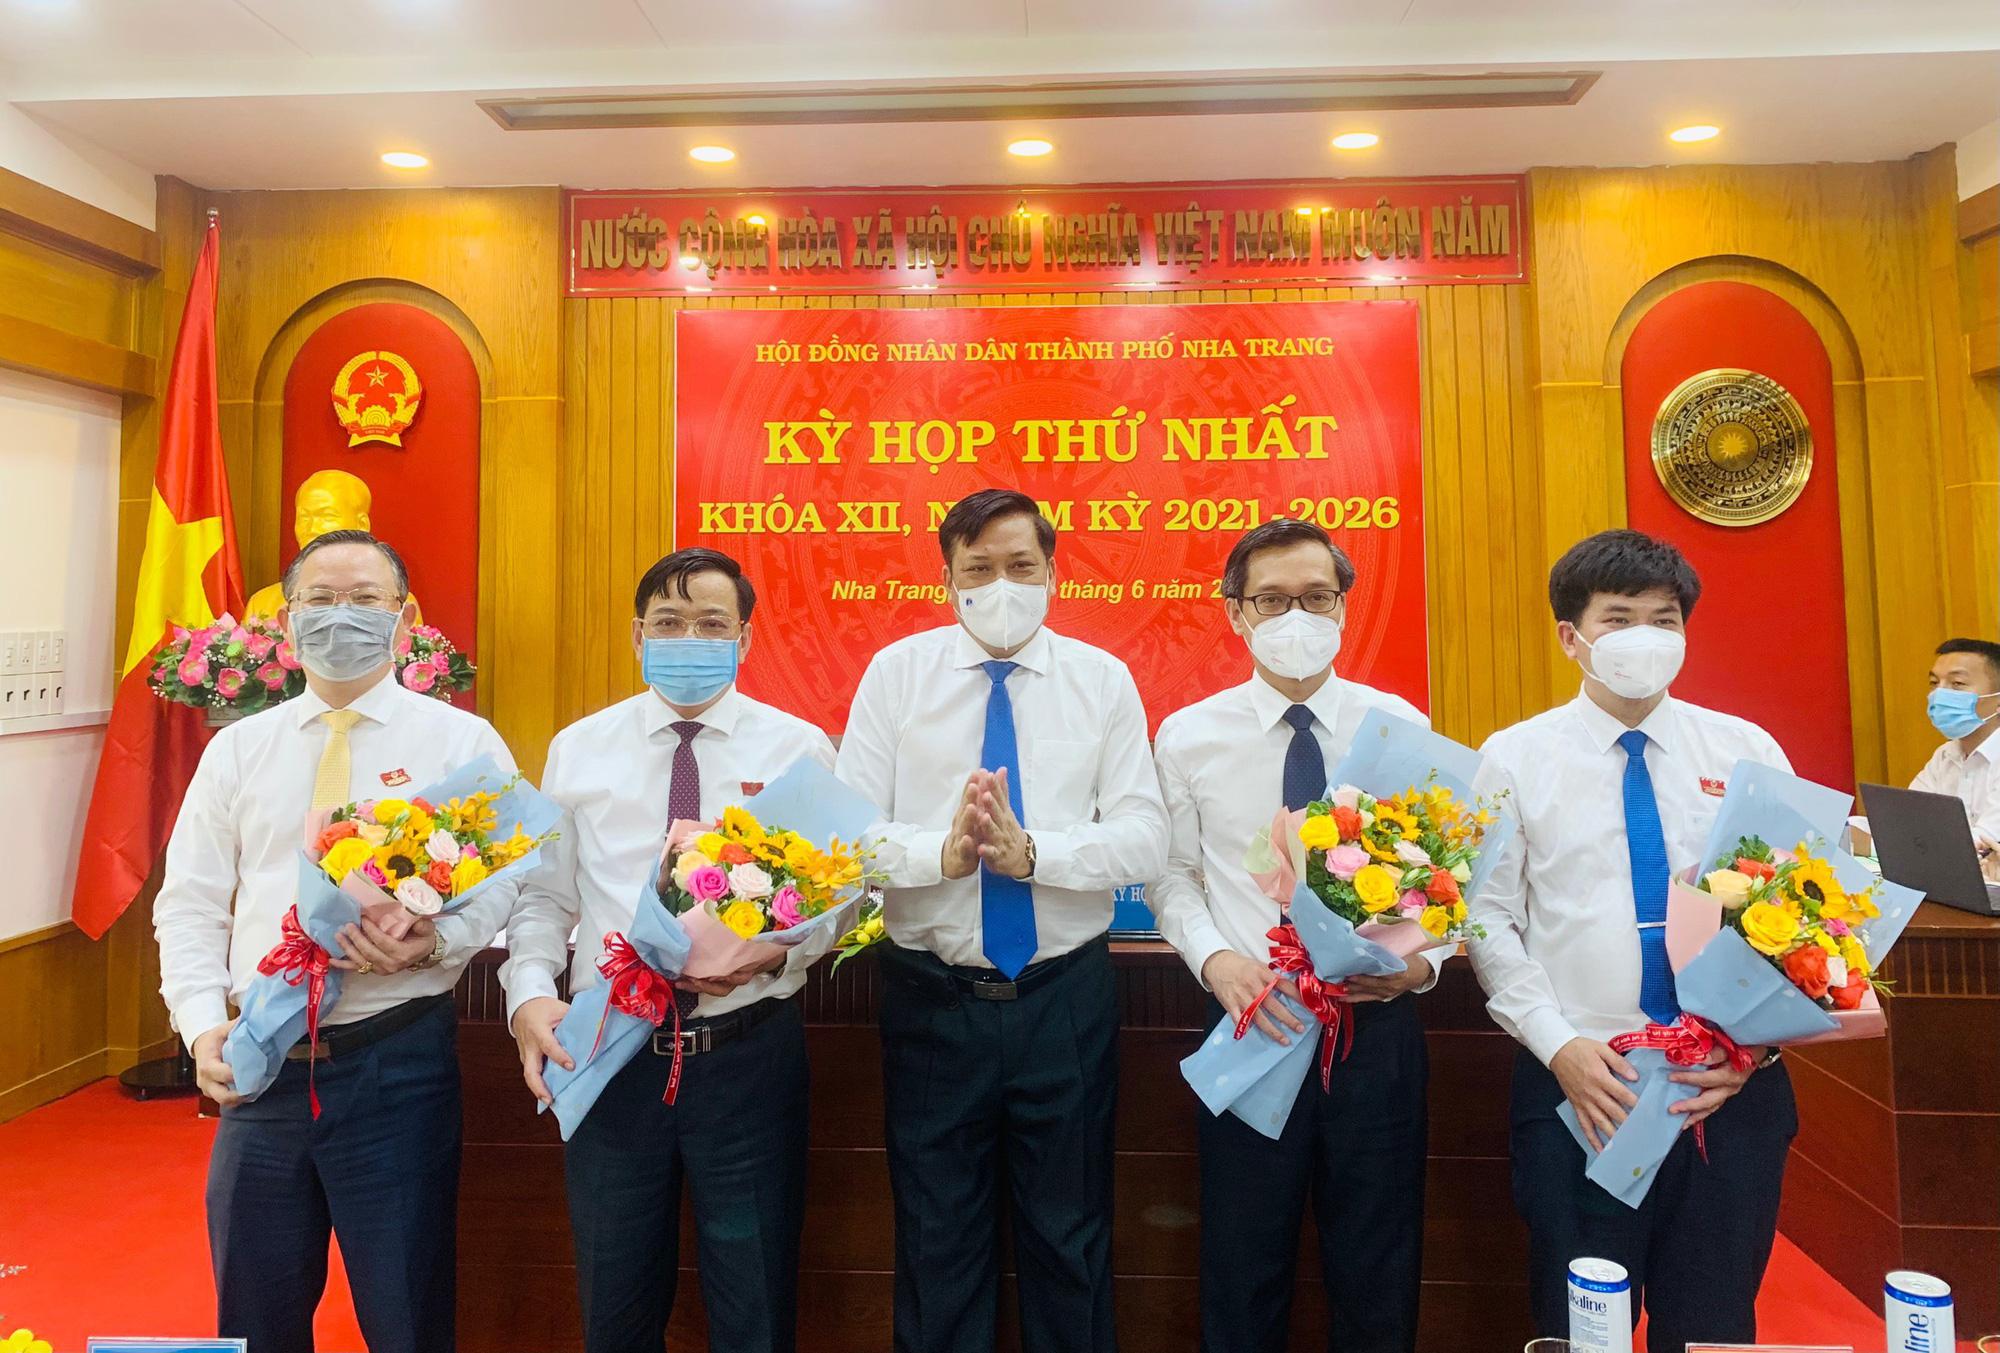 Bầu các chức danh chủ chốt của HĐND và UBND TP.Nha Trang - Ảnh 1.